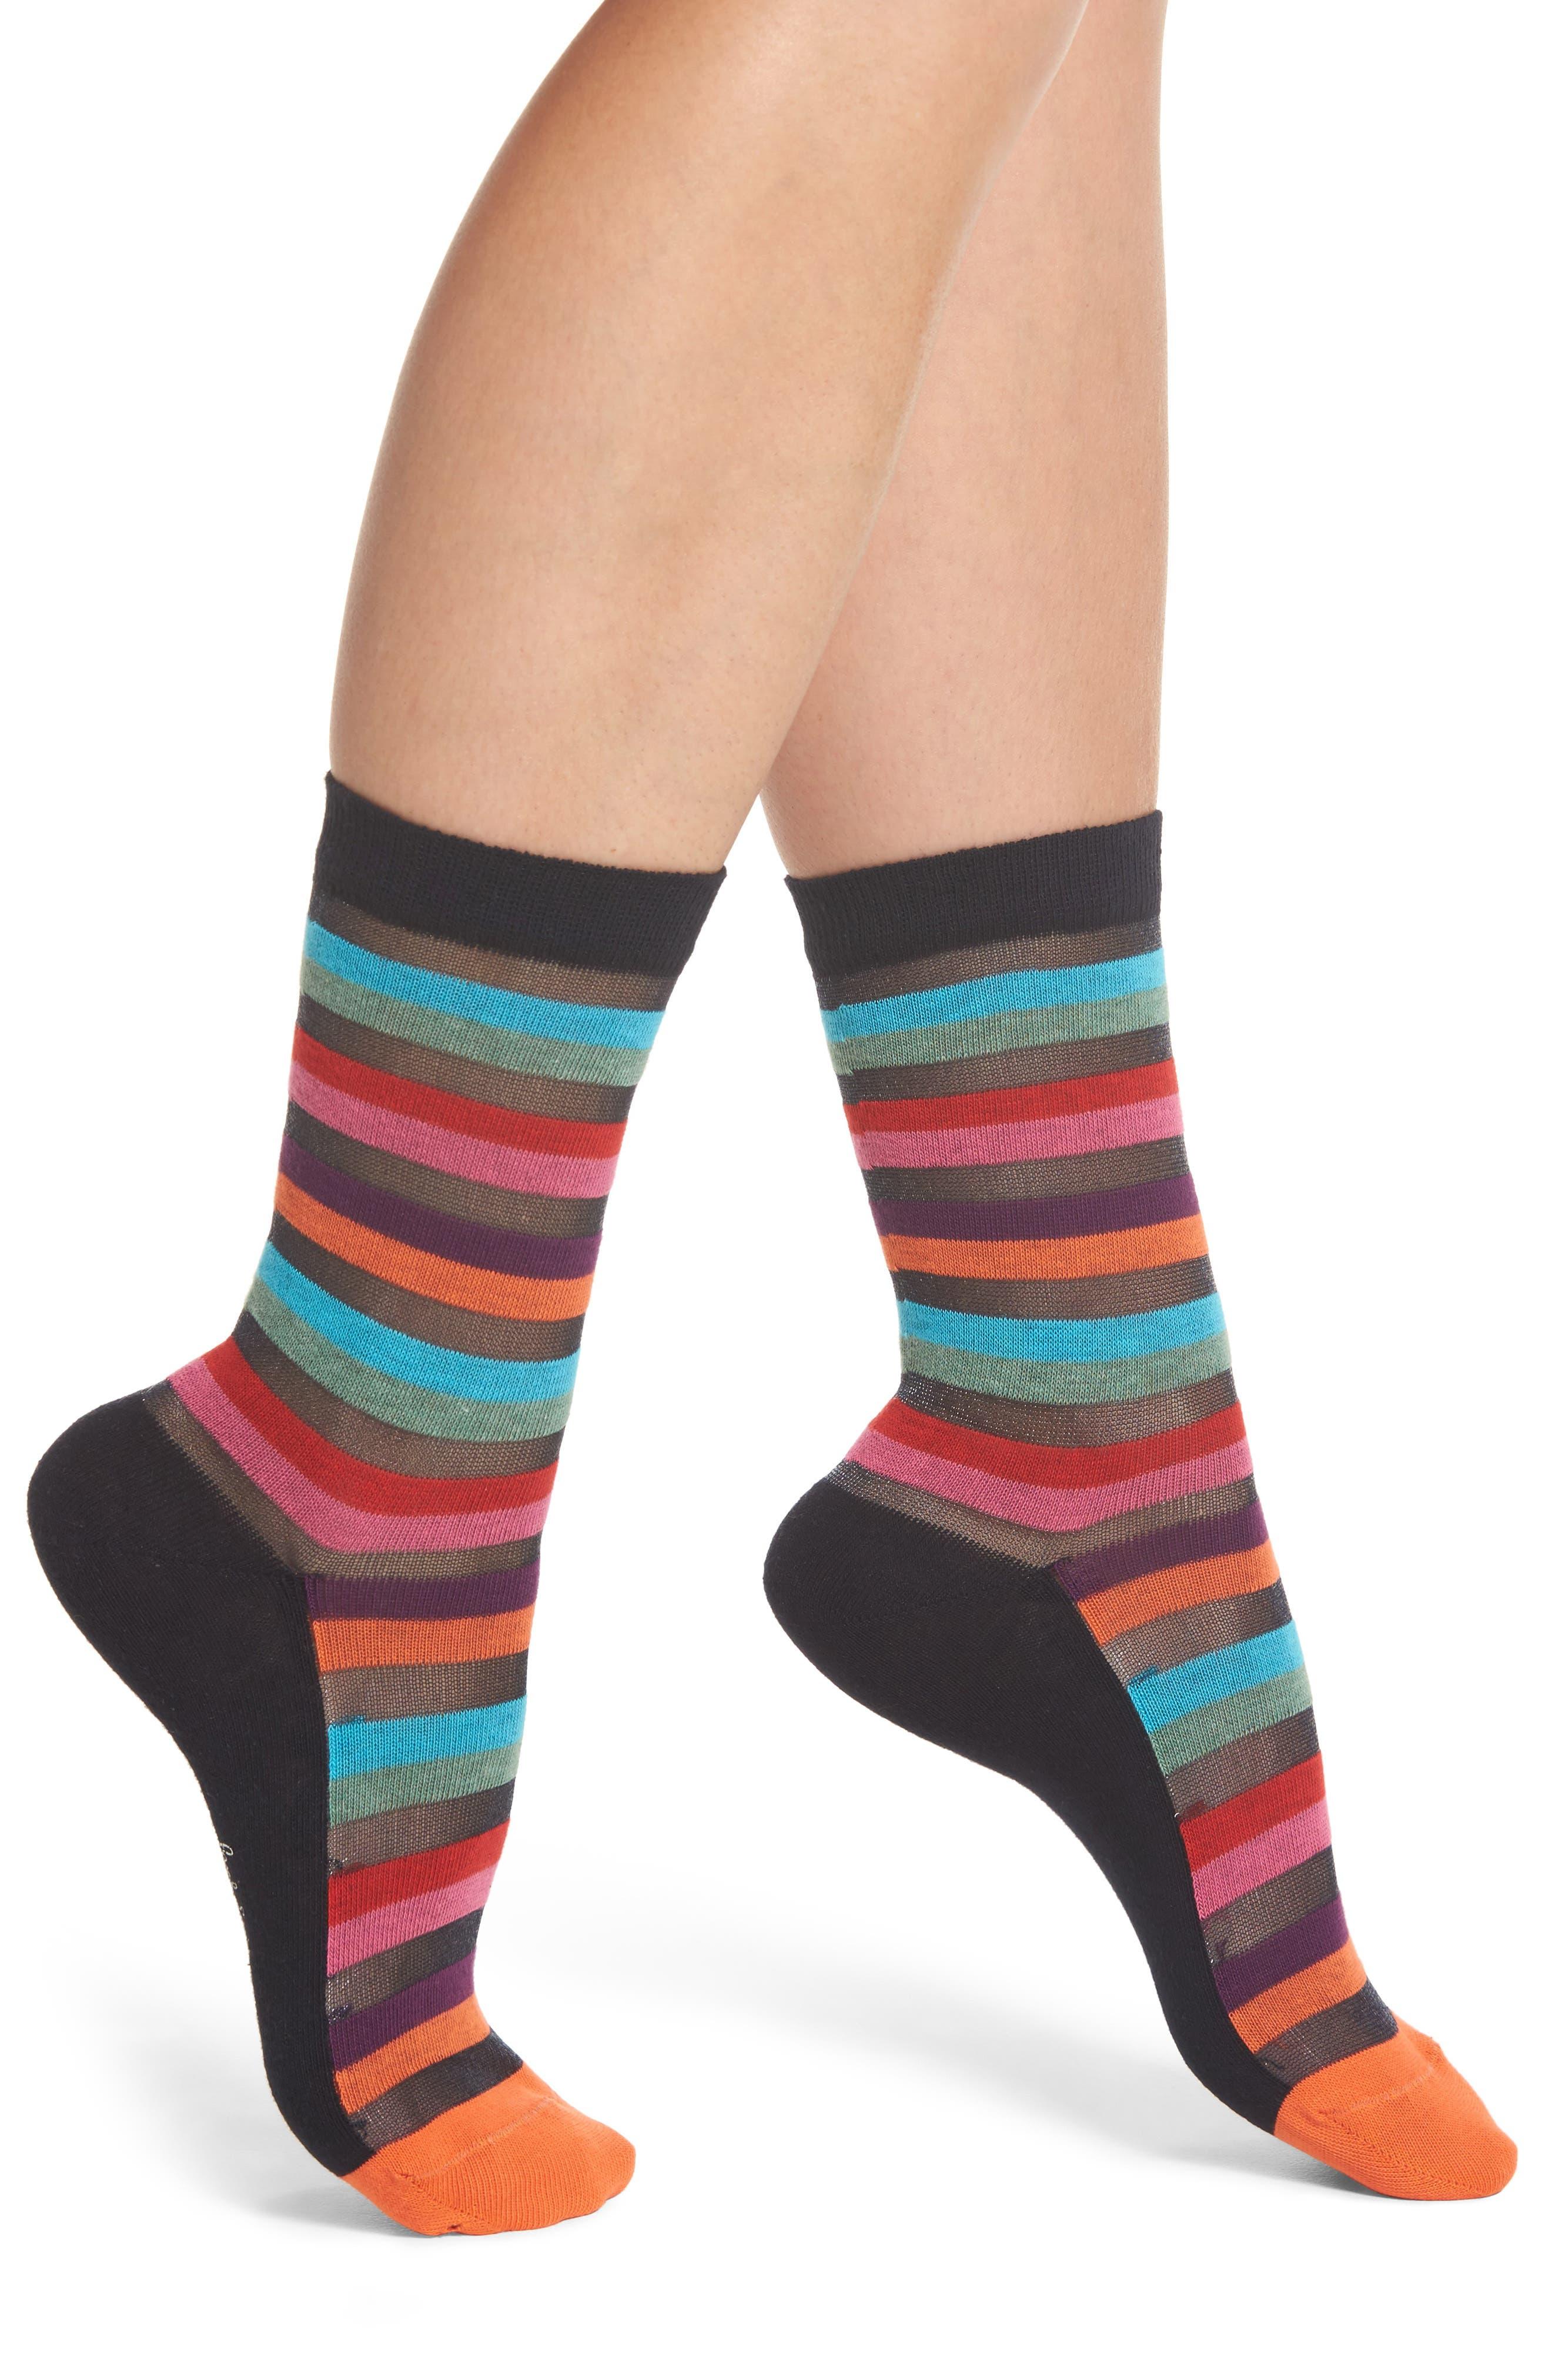 Paul Smith Felicity Rainbow Socks